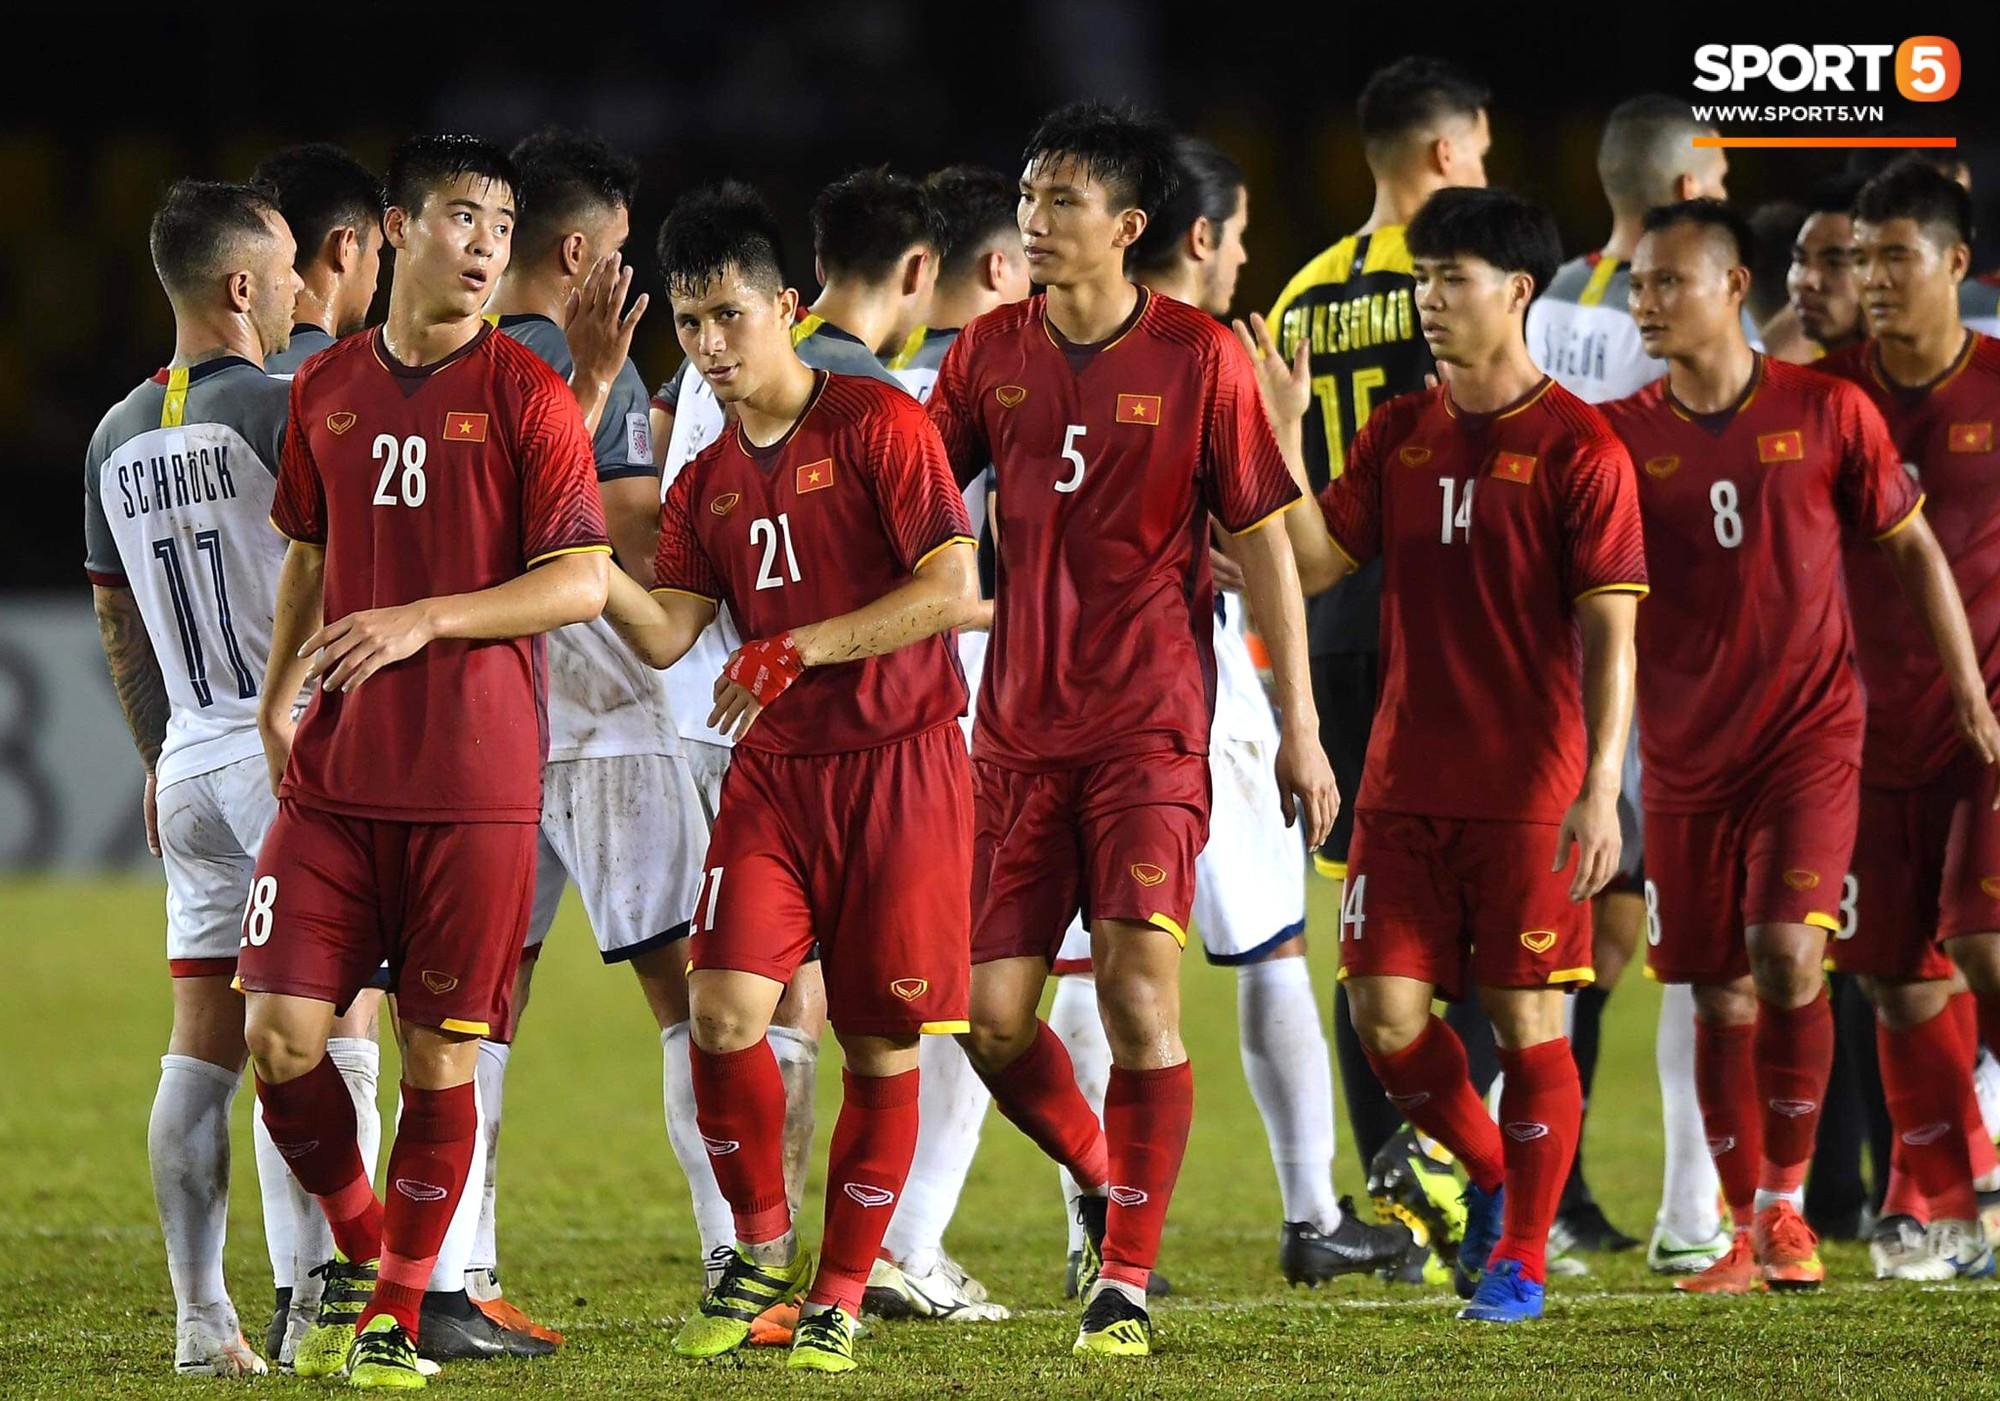 Không ngủ quên sau trận thắng Philippines, trợ lý Hàn Quốc điển trai của tuyển Việt Nam ngồi bệt ngay tại sân bay phân tích đối thủ - Ảnh 7.